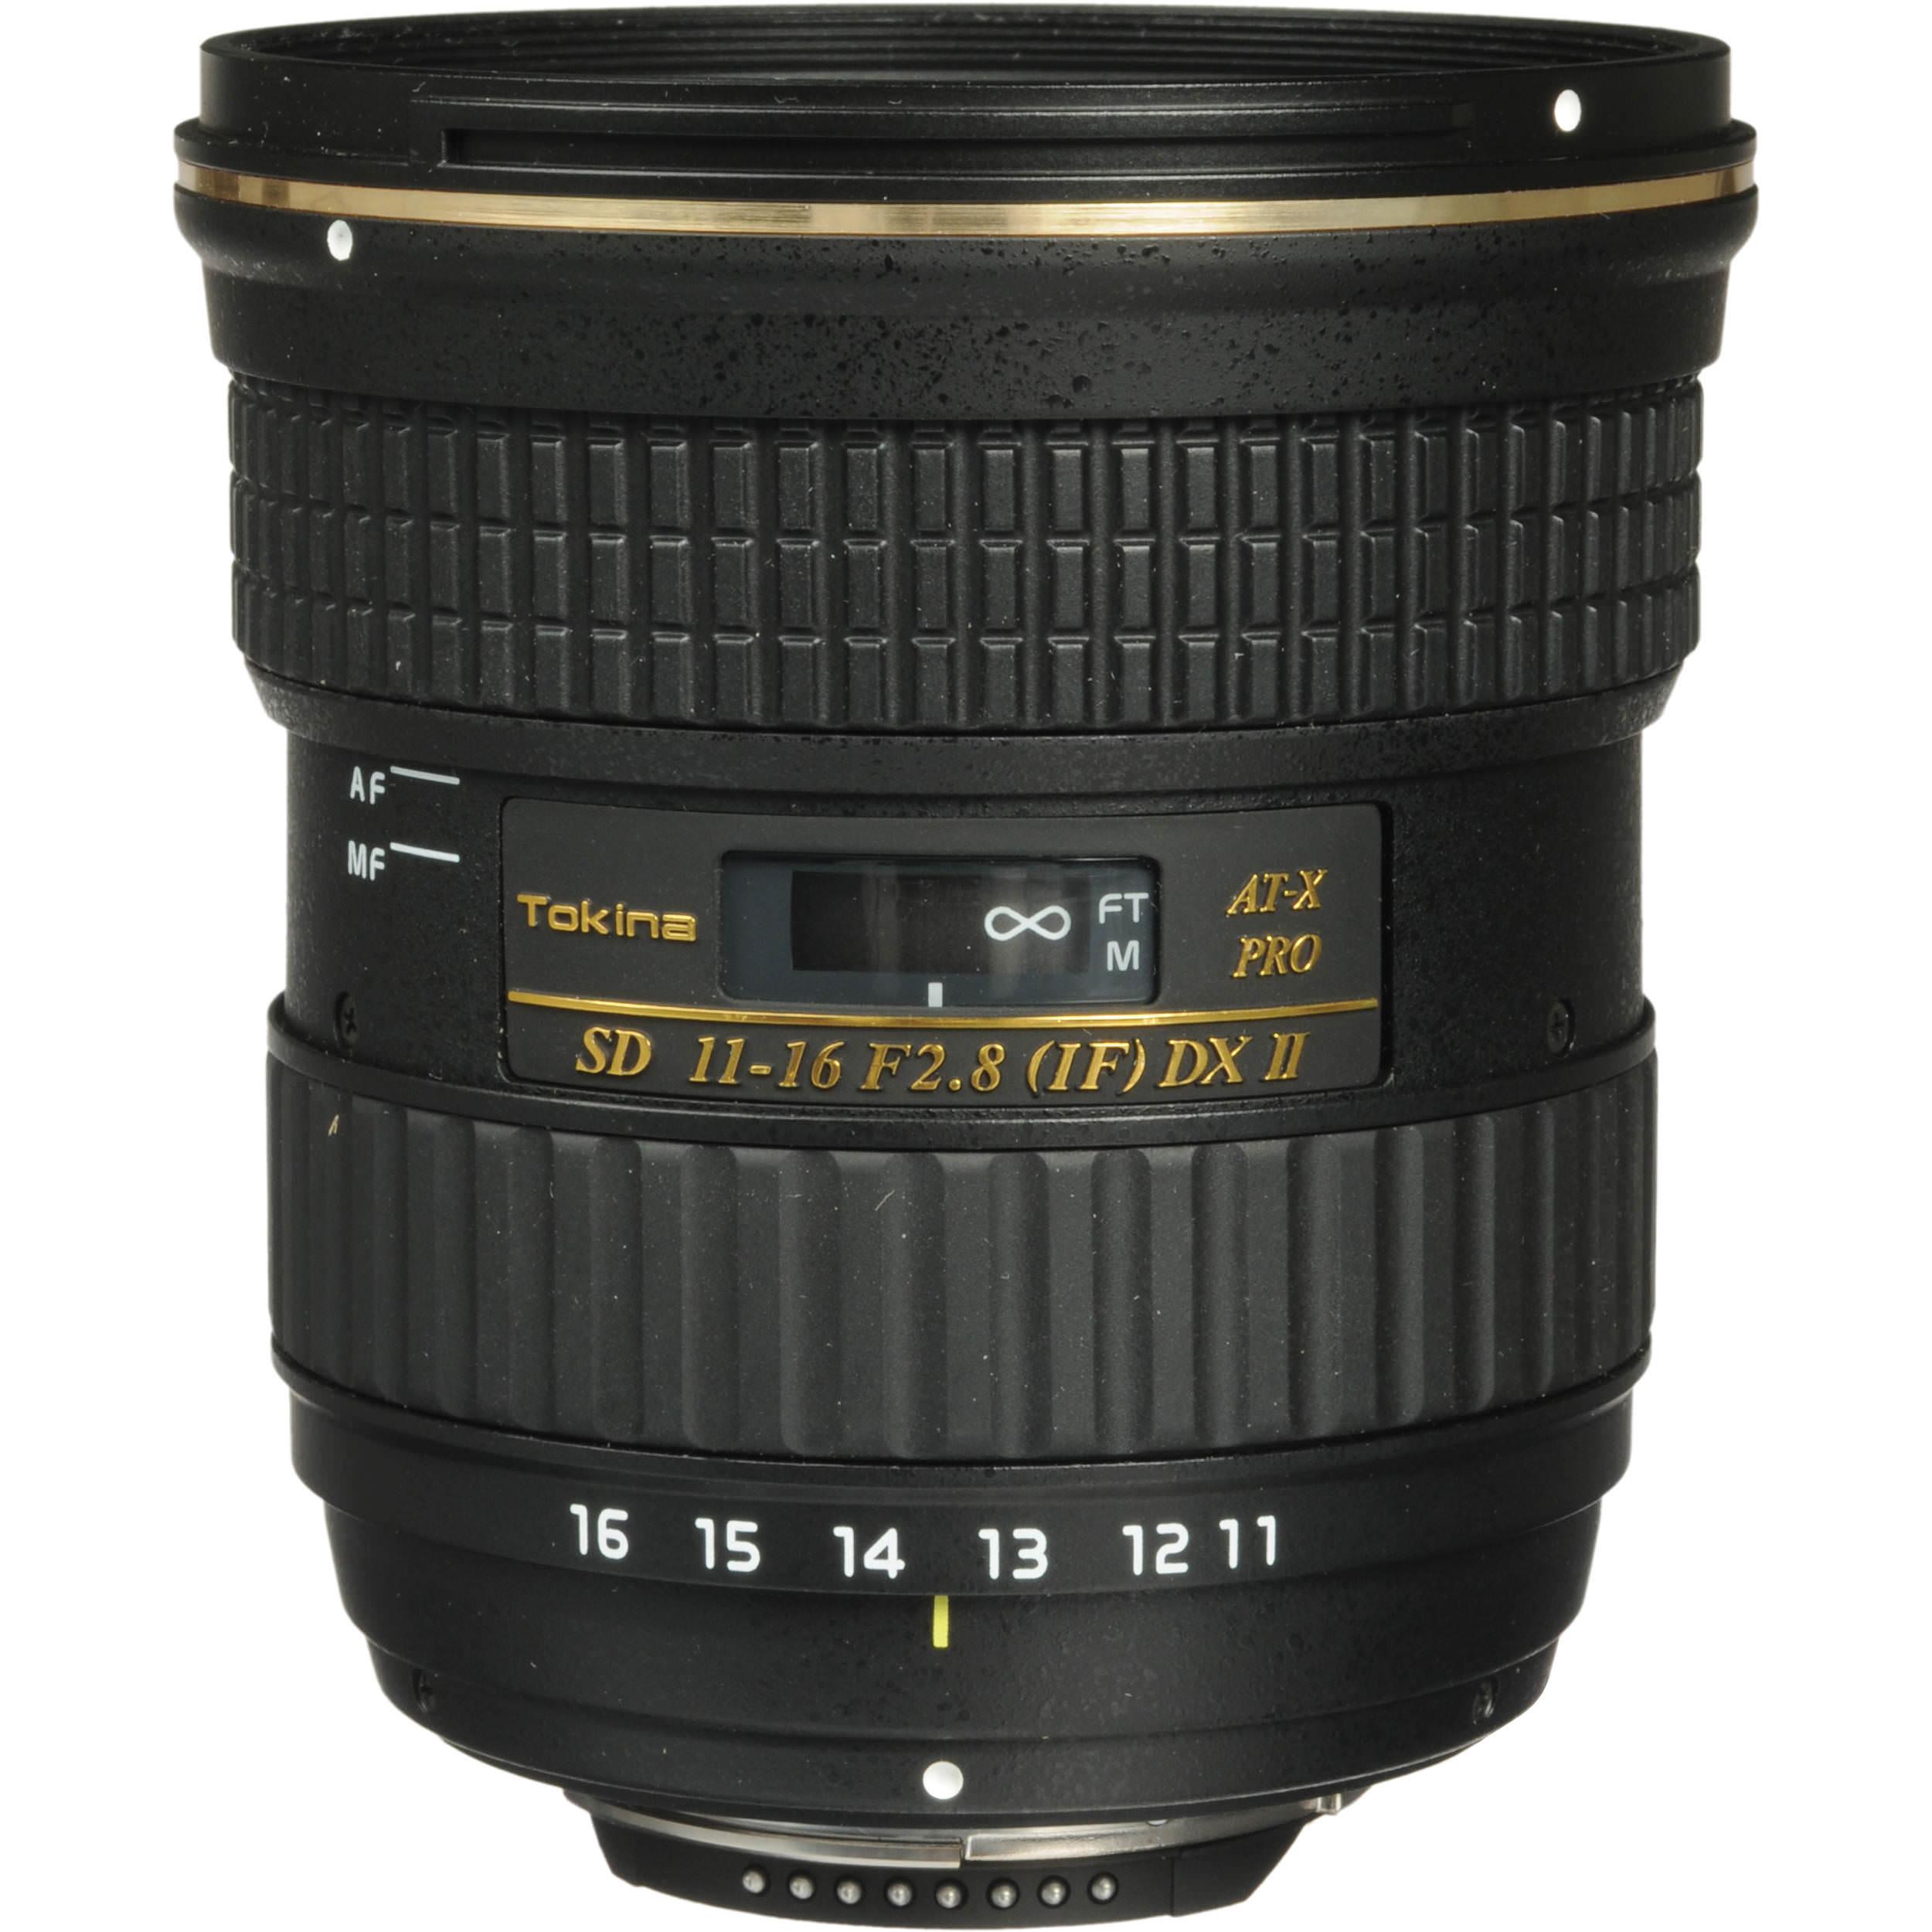 11-16mm 2.8f -